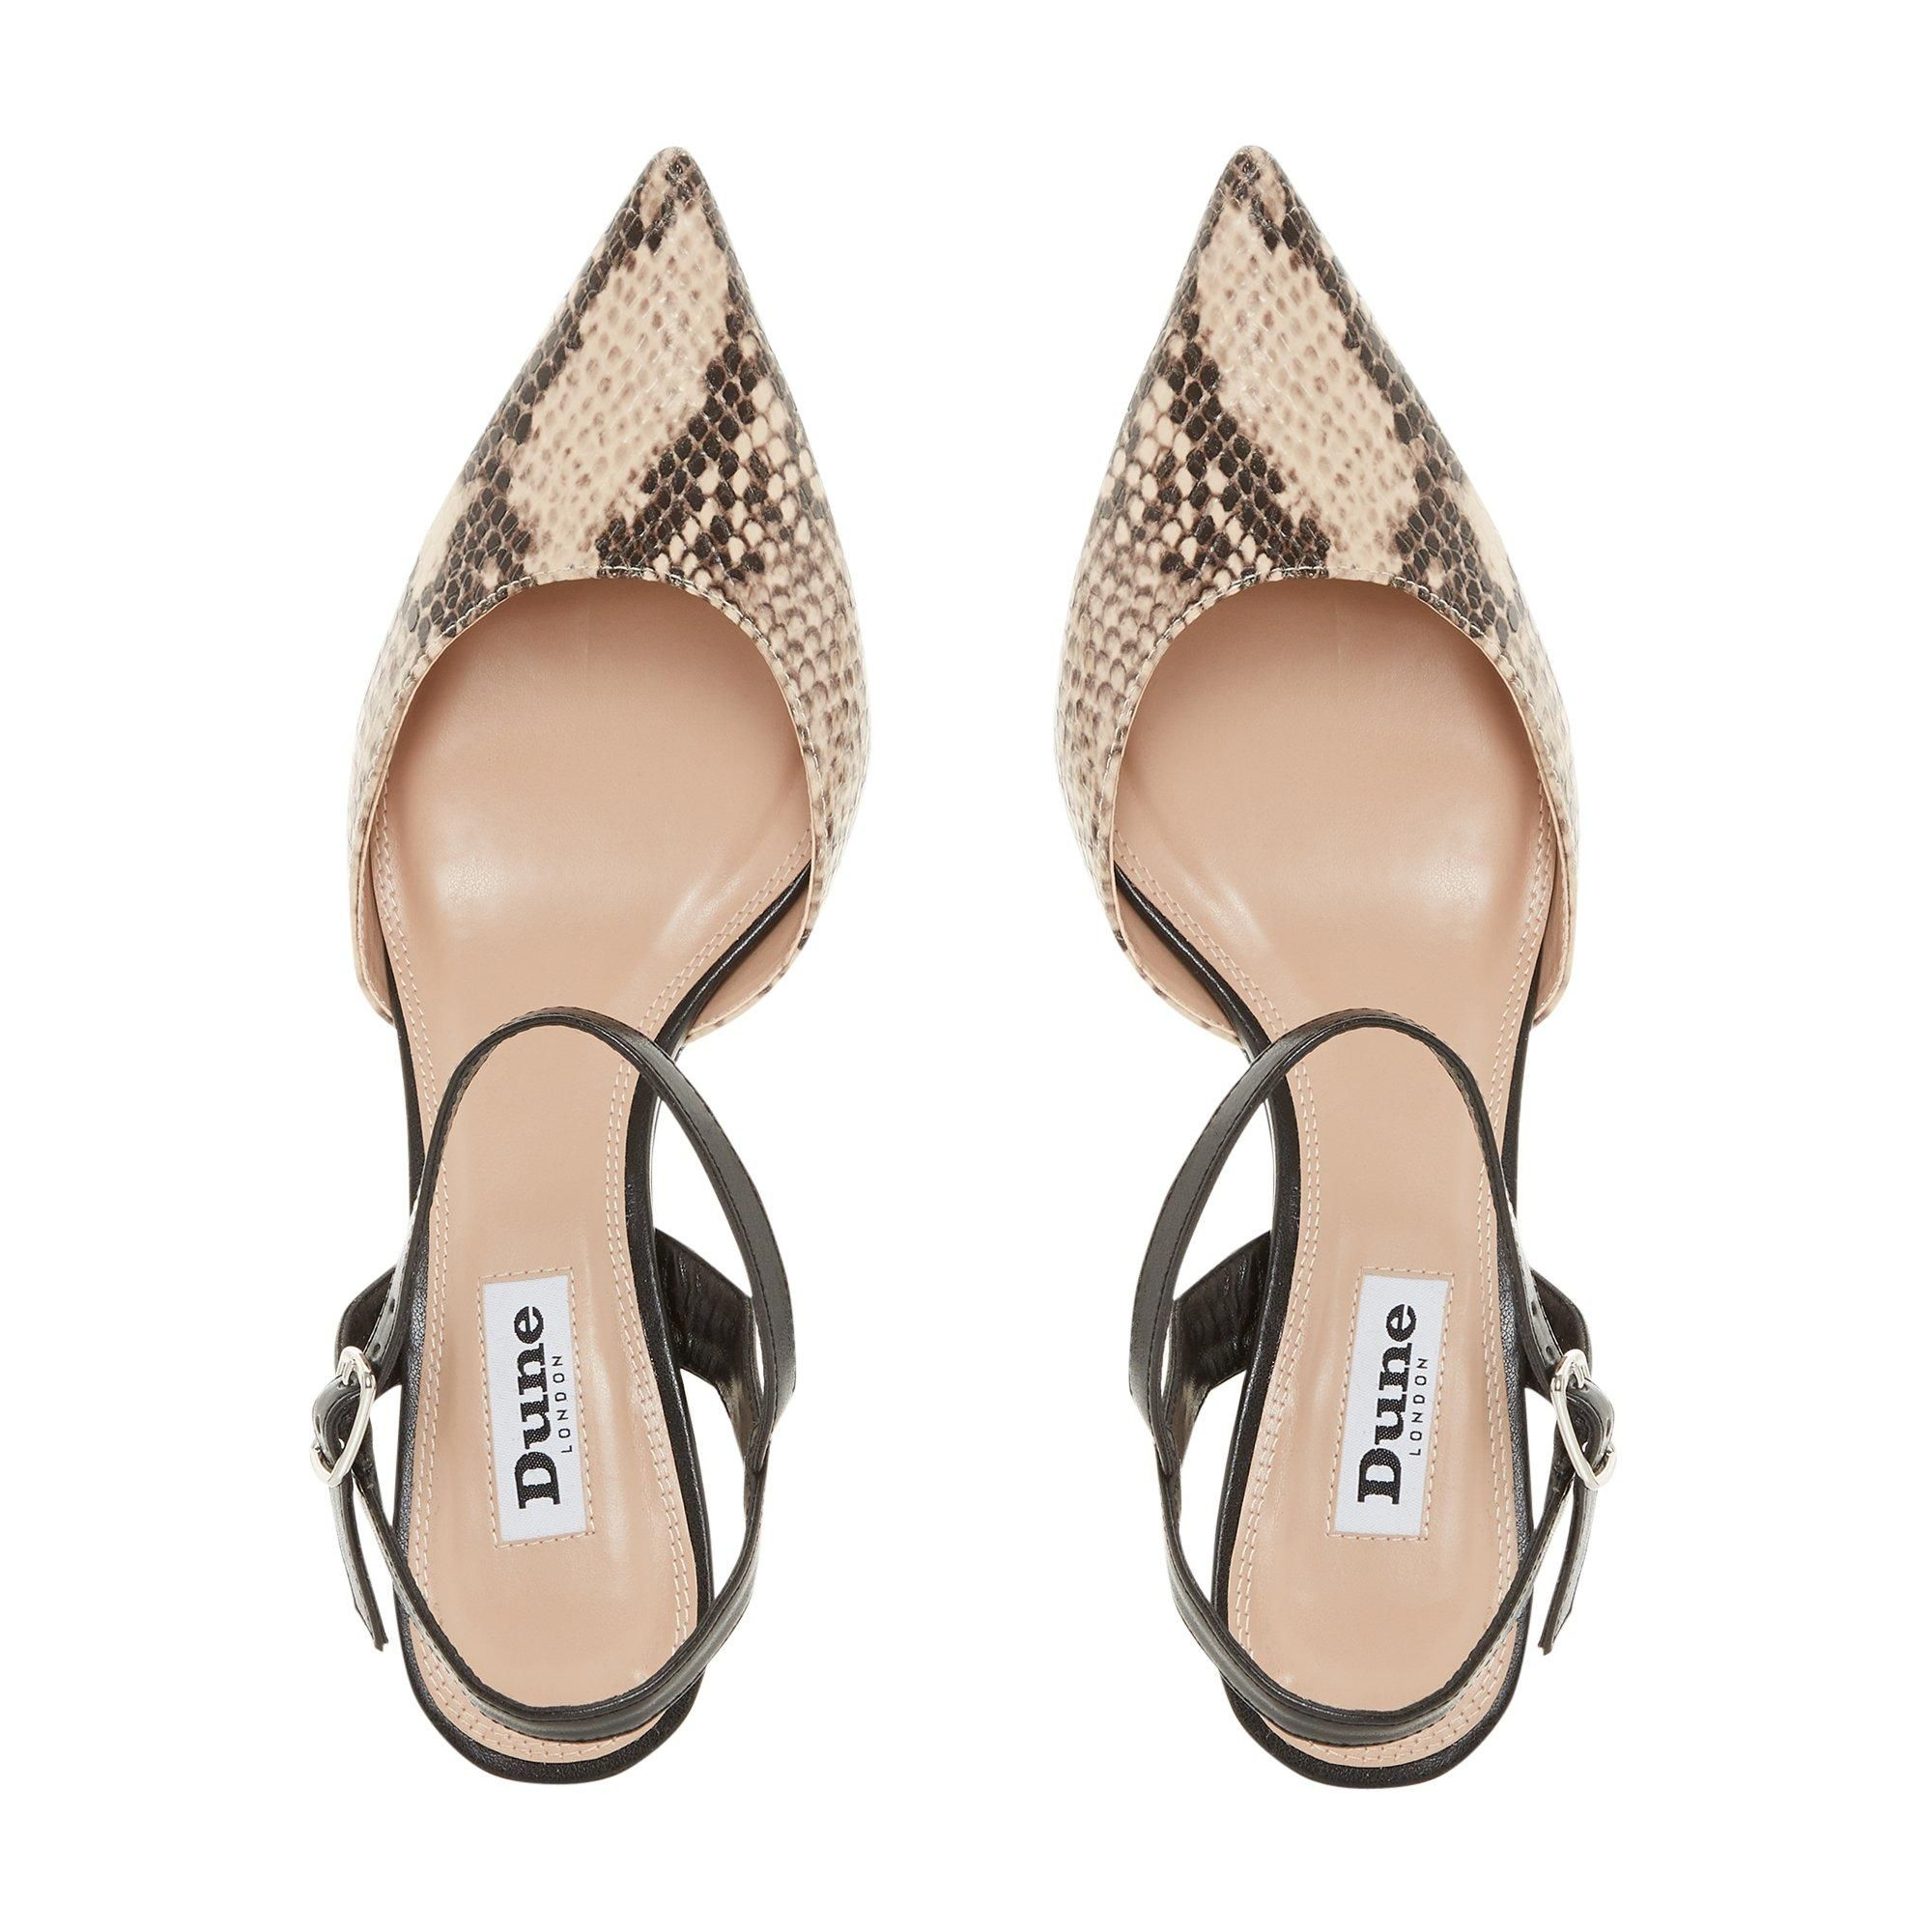 Dune Ladies DORIAA Flared Heel Court Shoe